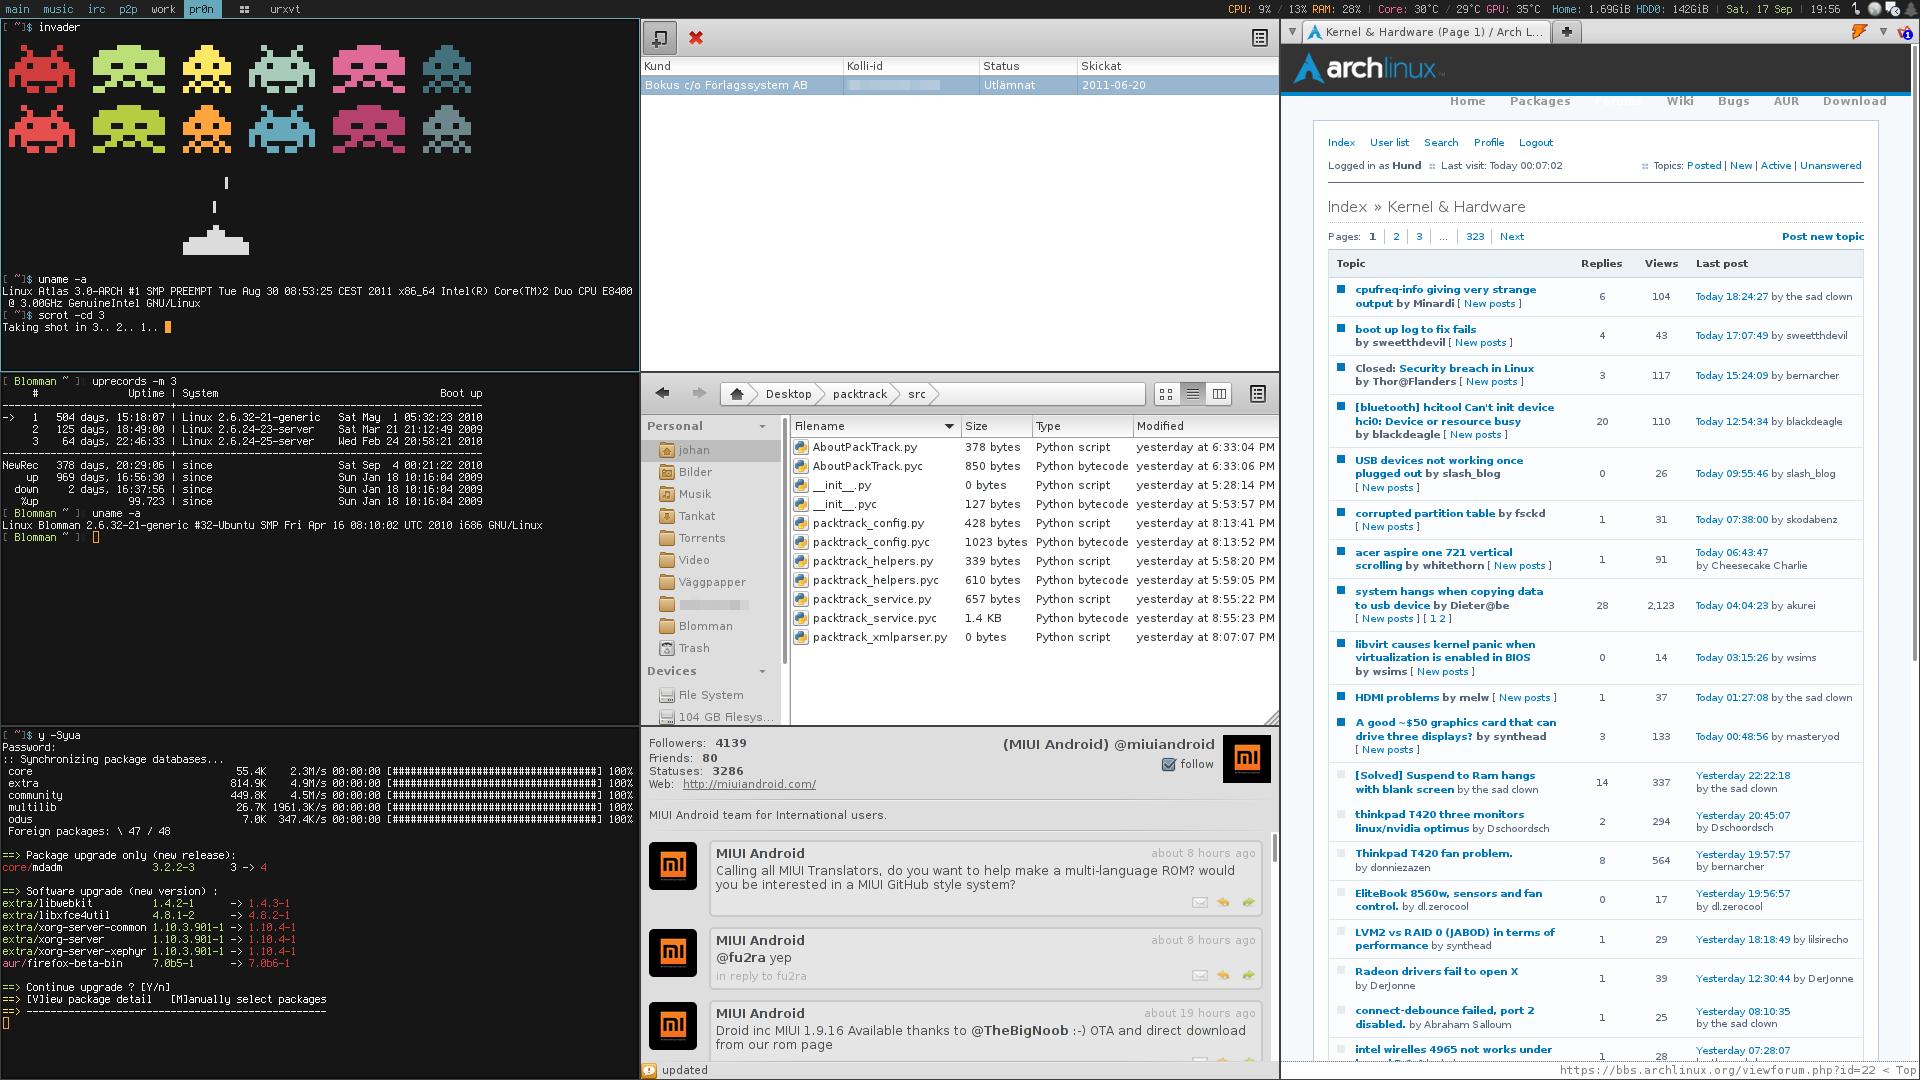 My Desktop - September 2011 by hundone